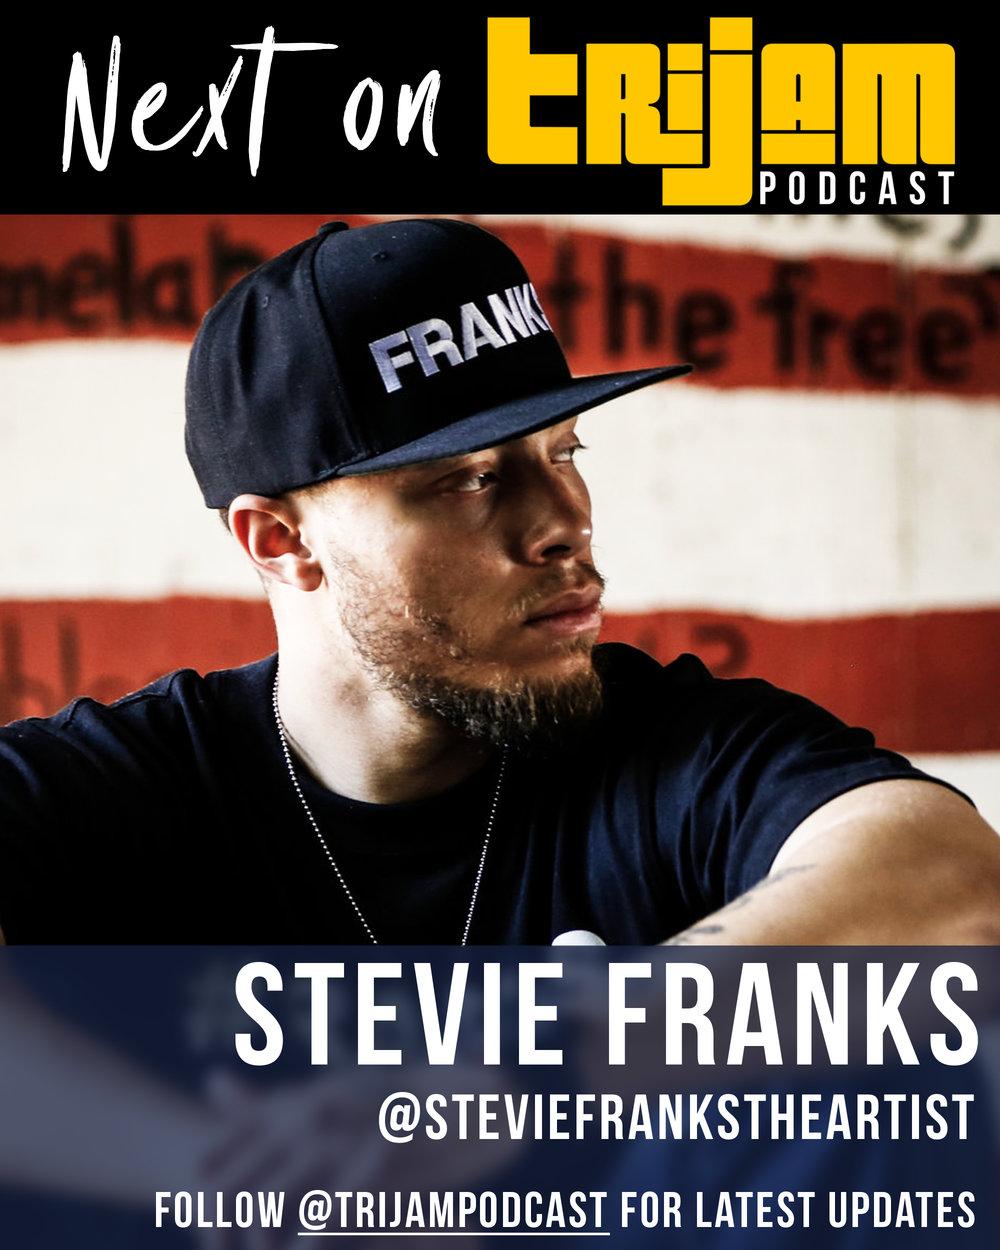 Steve Franks Promo IG.jpg